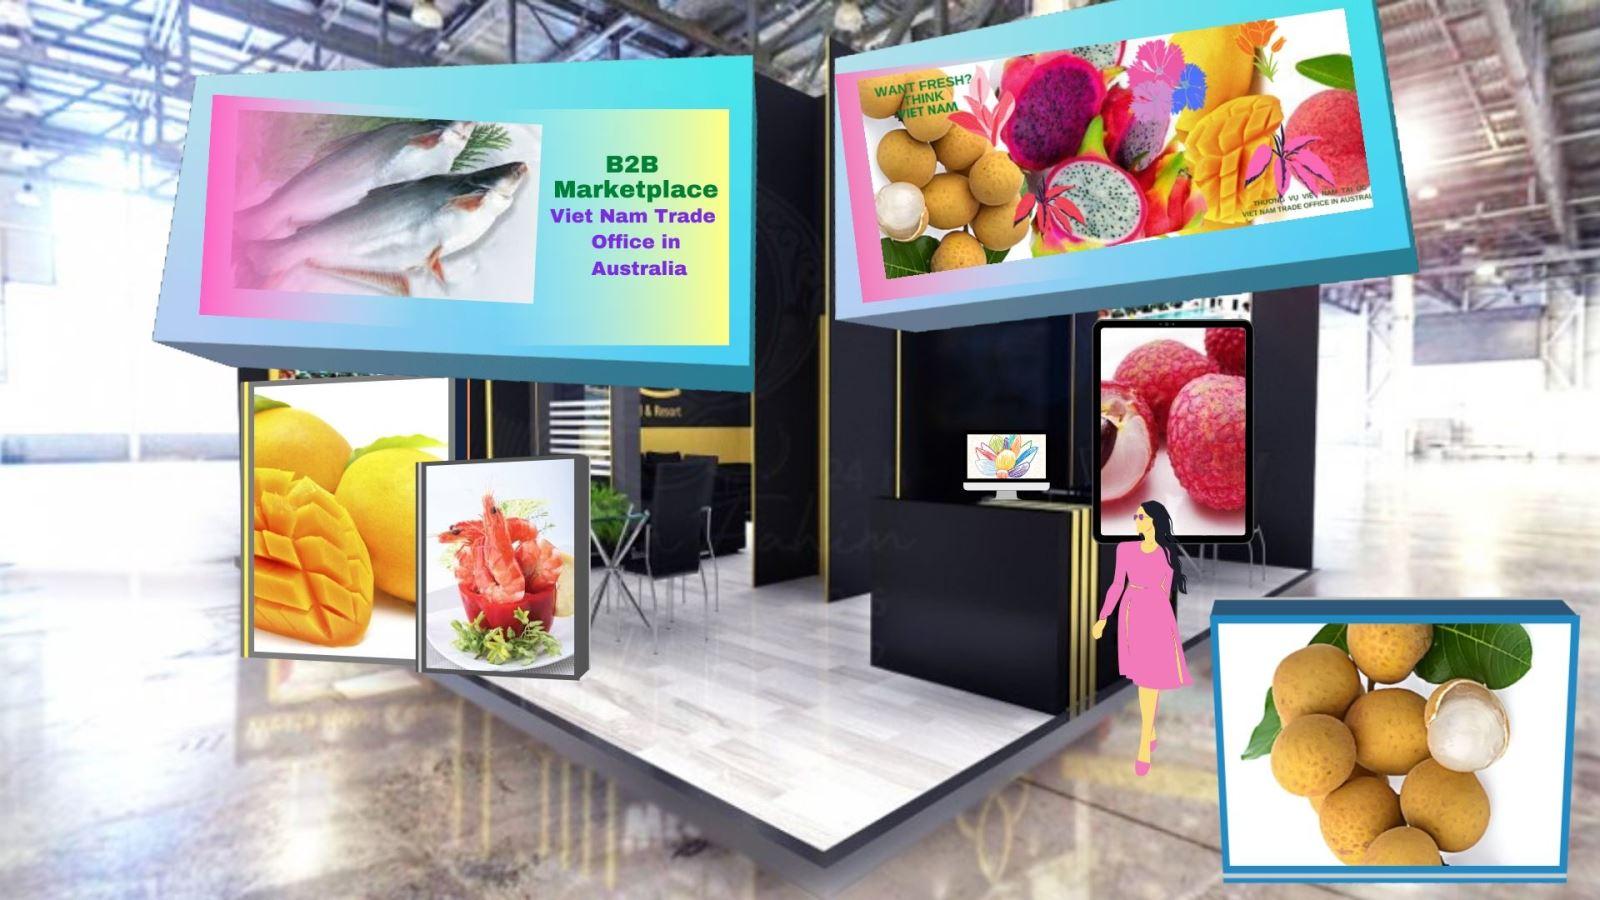 Ứng dụng trực tuyến kết nối thương mại, đầu tư Việt-Australia